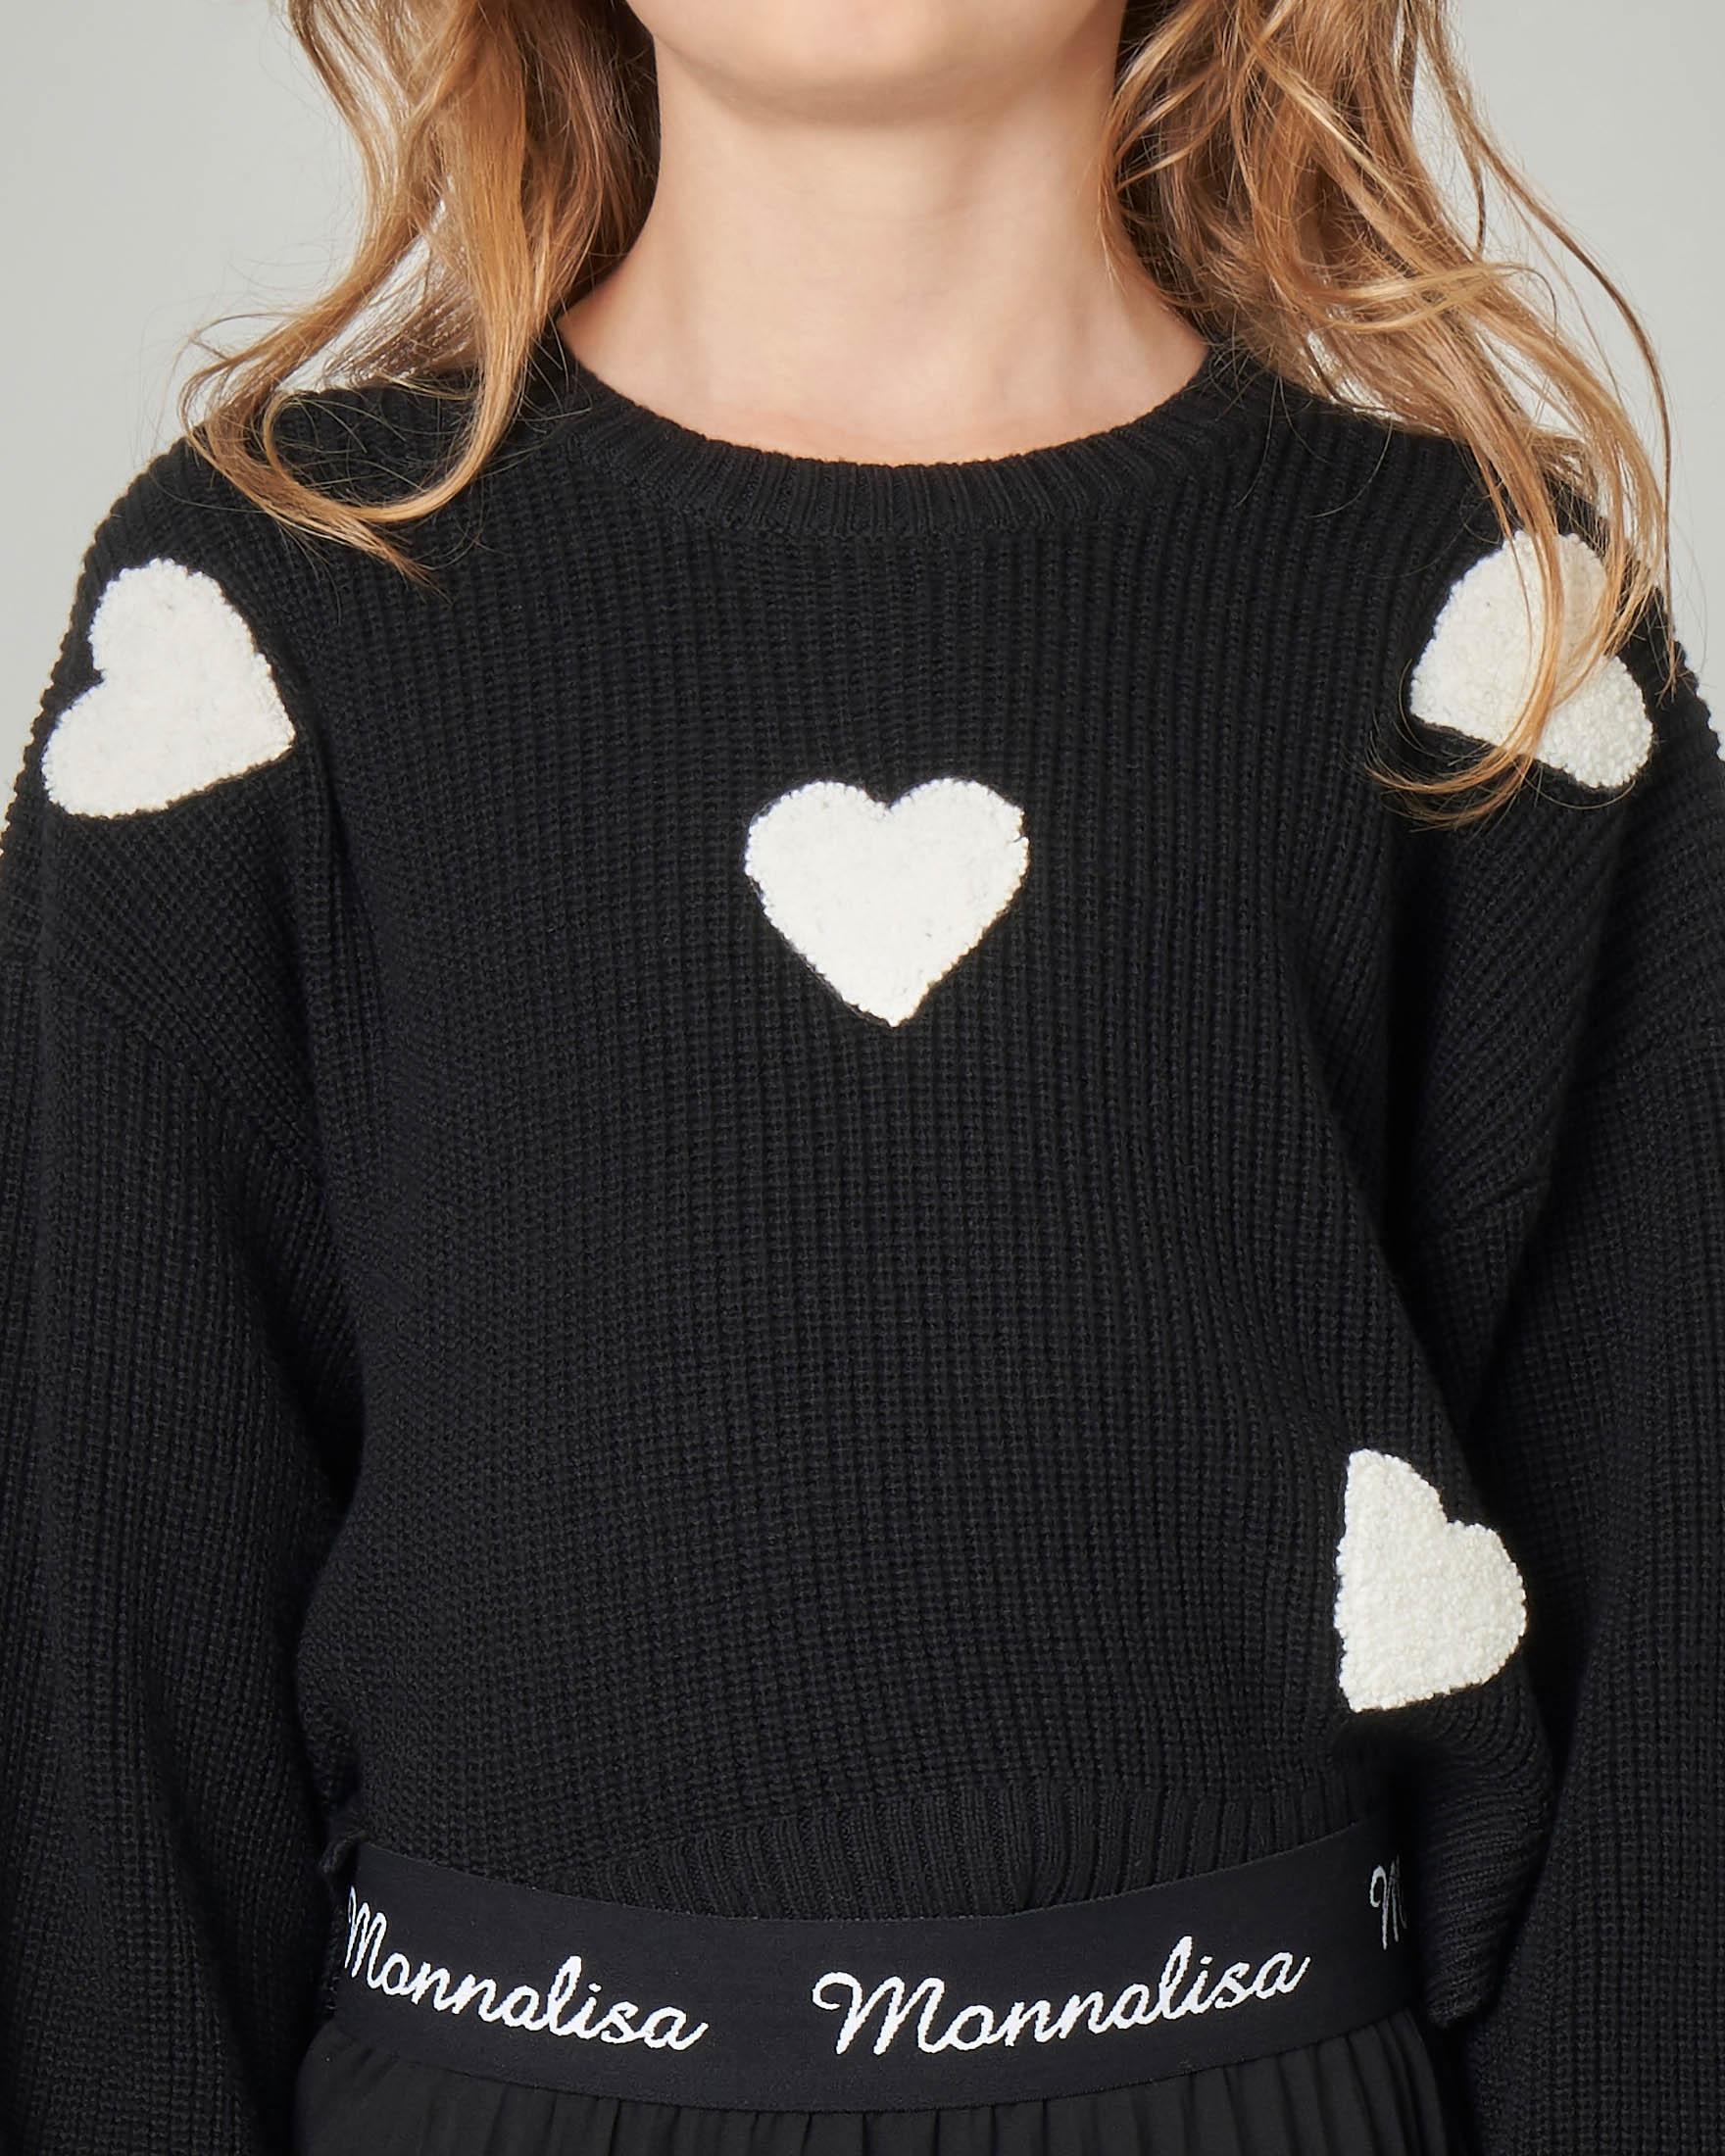 Maglia nera con cuori bianchi jacquard e maniche a sbuffo 8-12 anni